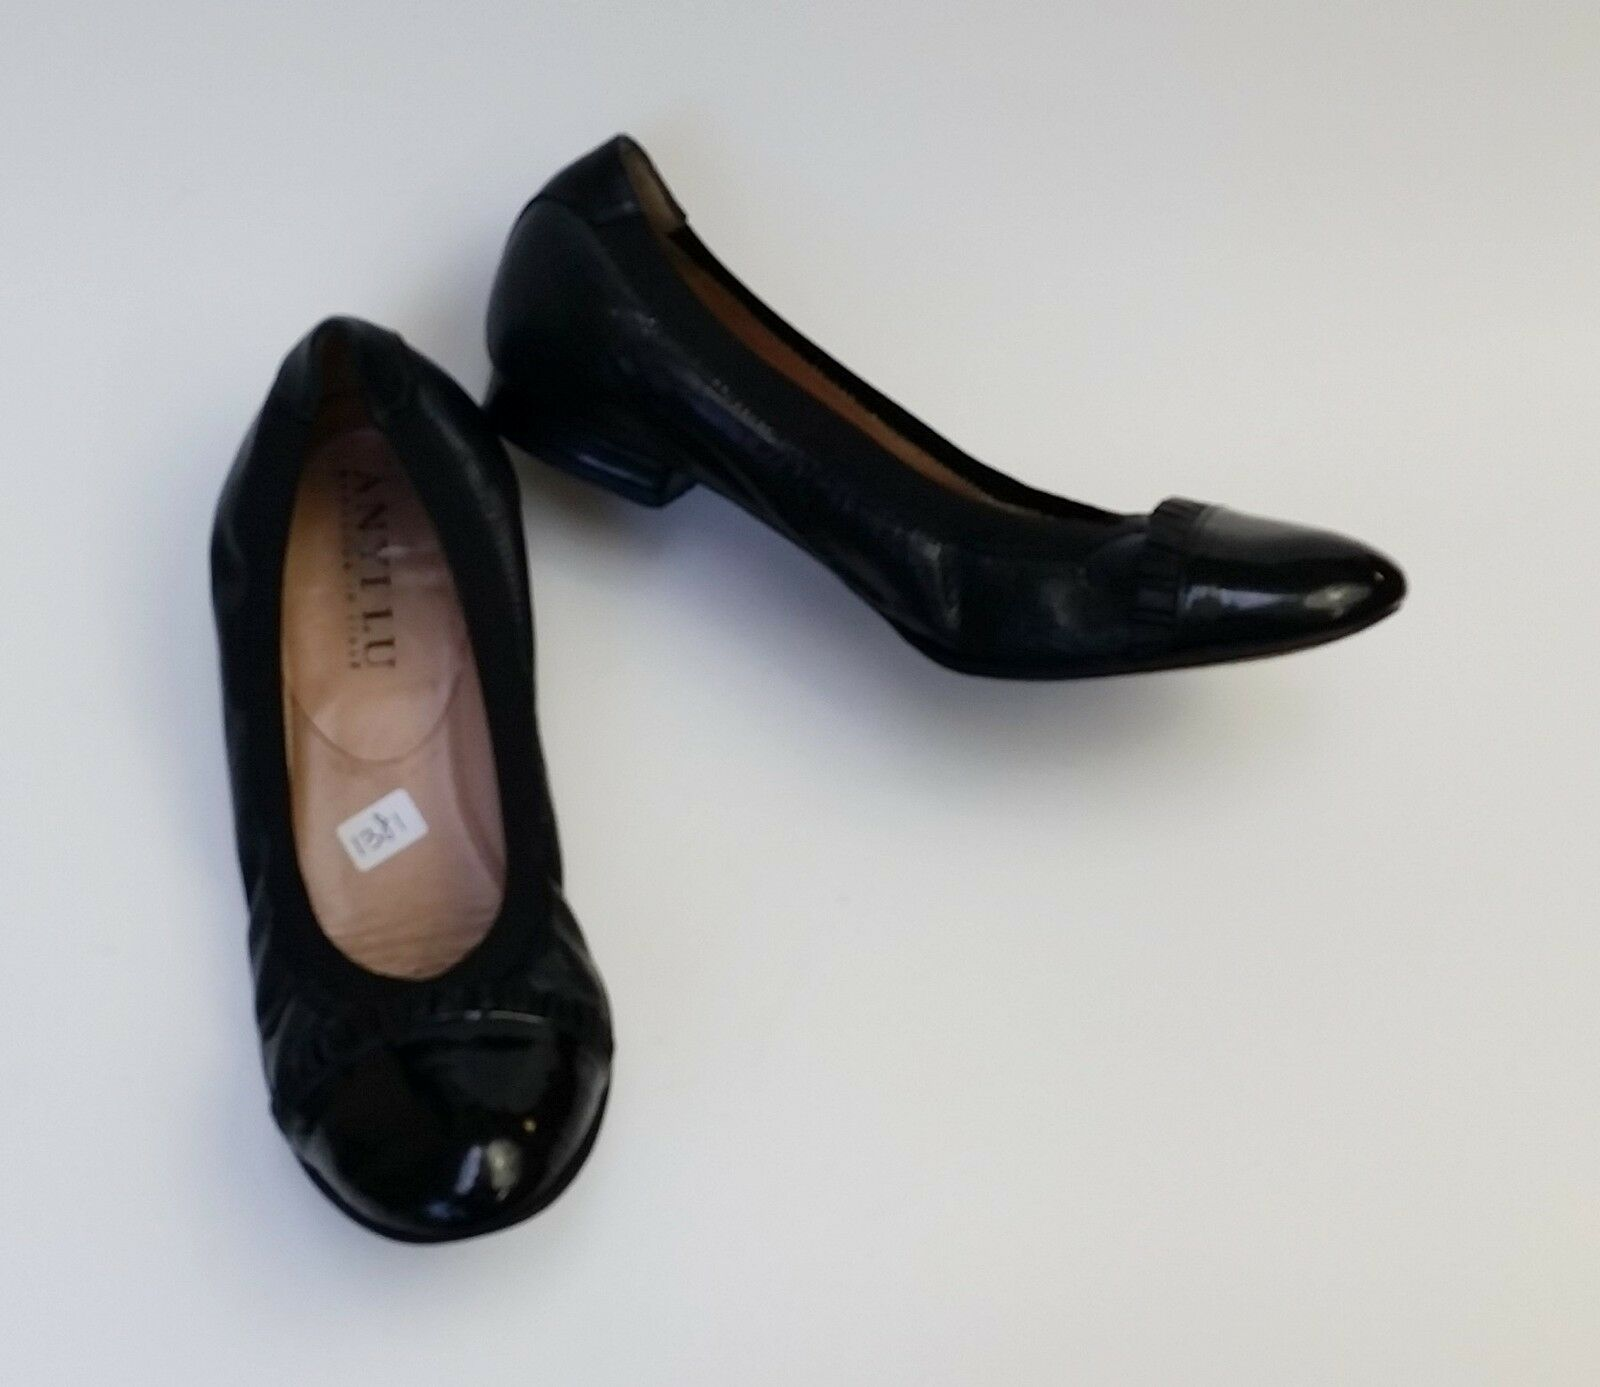 Anyi Lu shoes Flats Black Ballet Scrunch Textured Handmade  Size US 7 EU 37